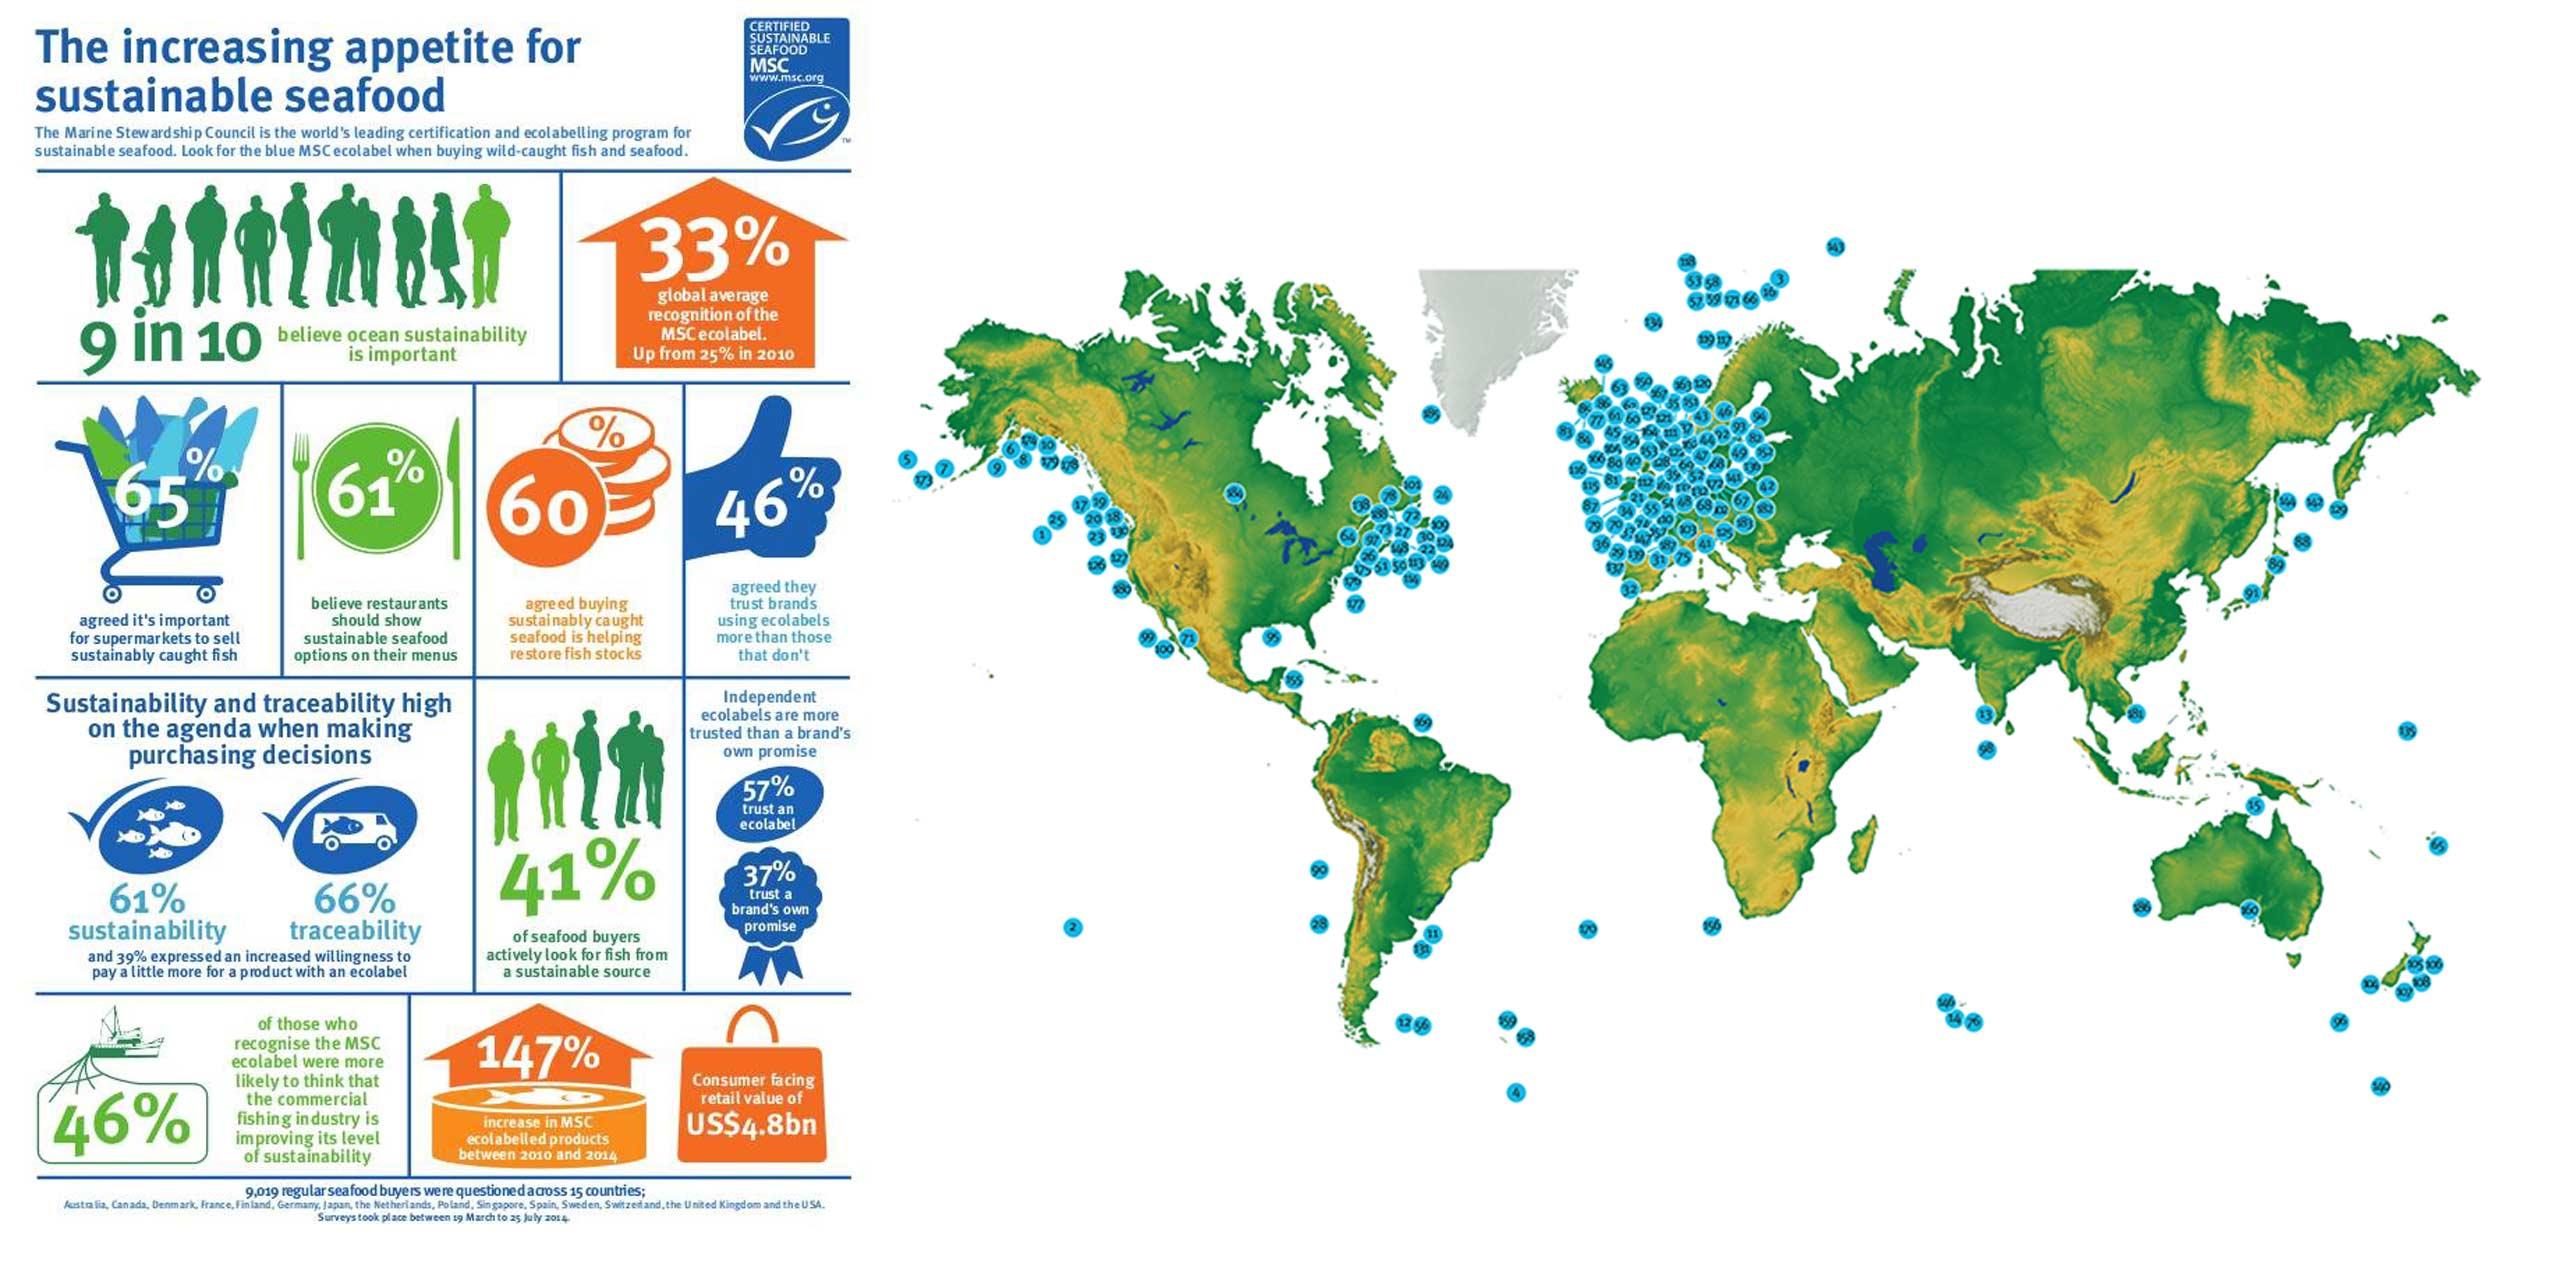 http://skollworldforumorg.c.presscdn.com/wp-content/uploads/2014/02/marine-stewardship-council-sl4.jpg